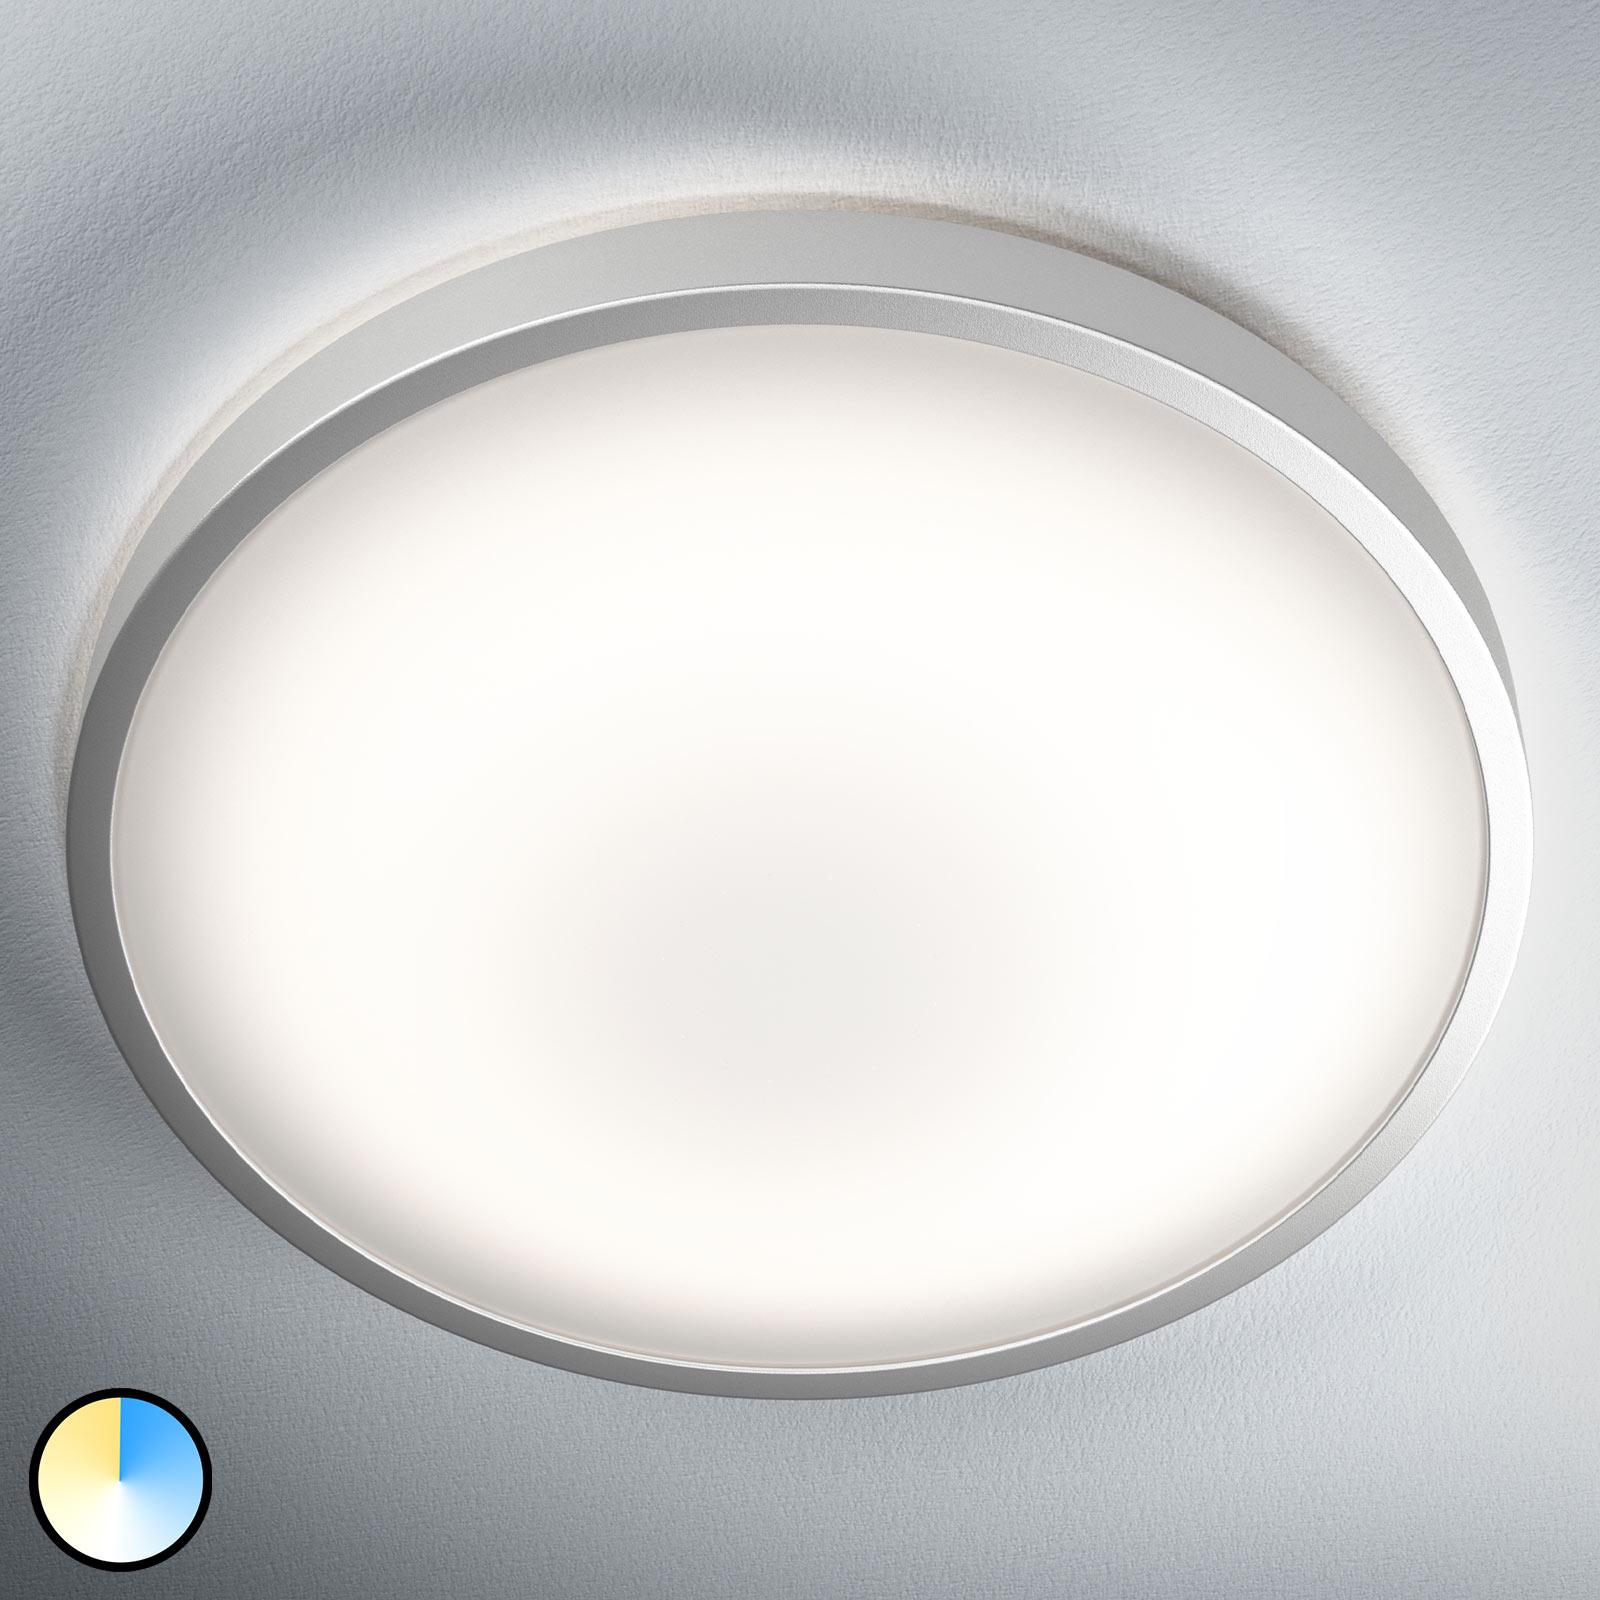 LEDVANCE Orbis LED-Deckenleuchte 40 cm Click-CCT